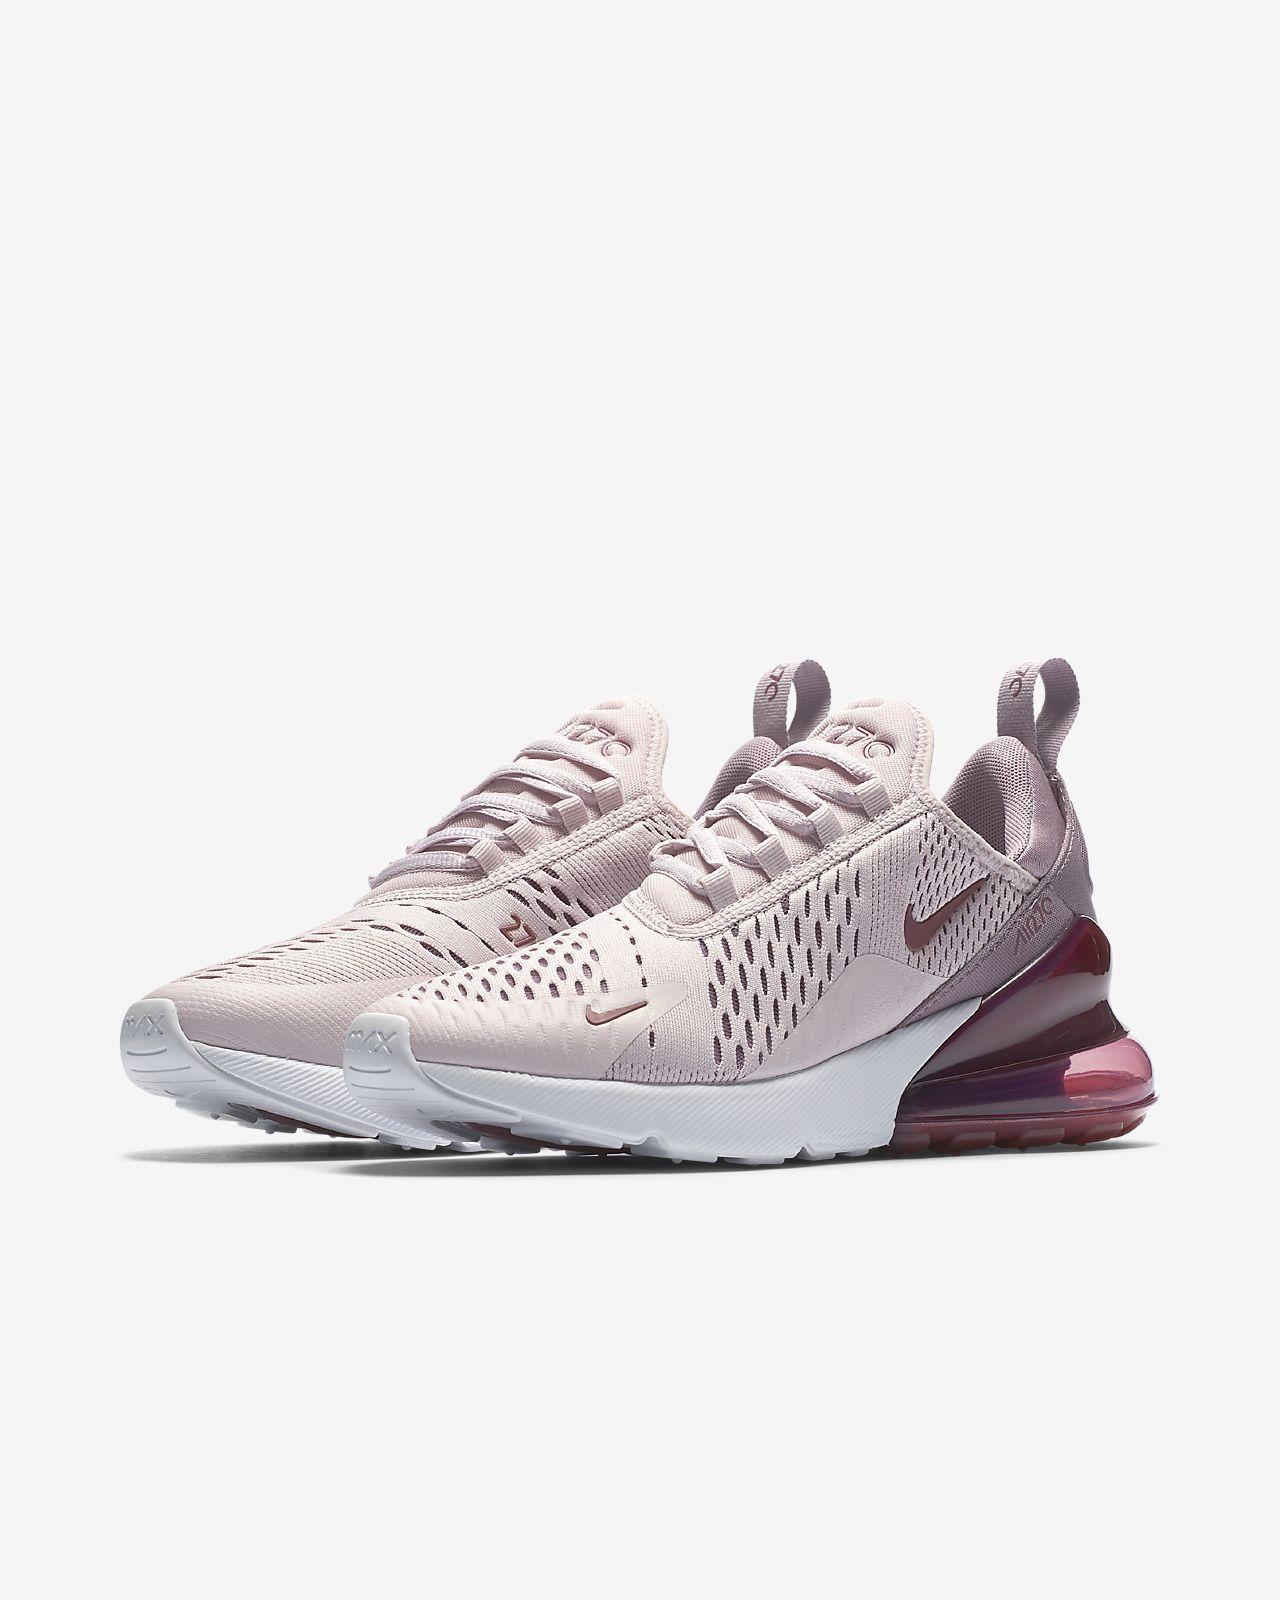 Air Max 270 Women's Shoe | Air max 270, Nike air max for